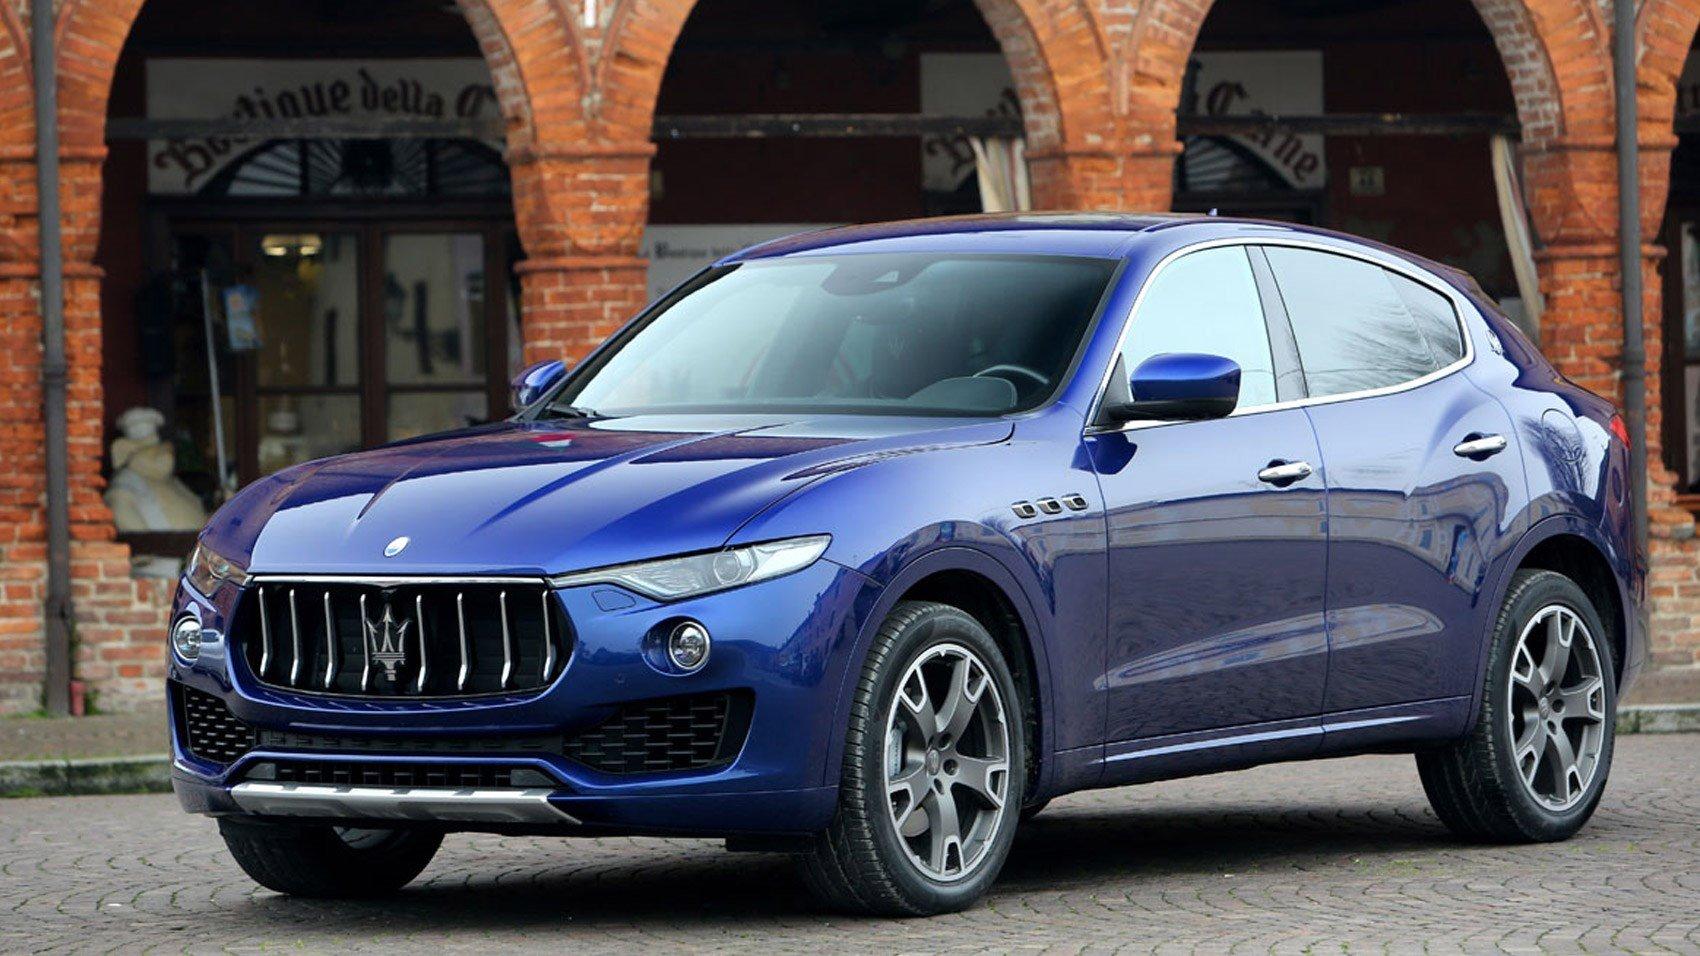 Продажи Maserati в России в 2017 году увеличились в 8 раз